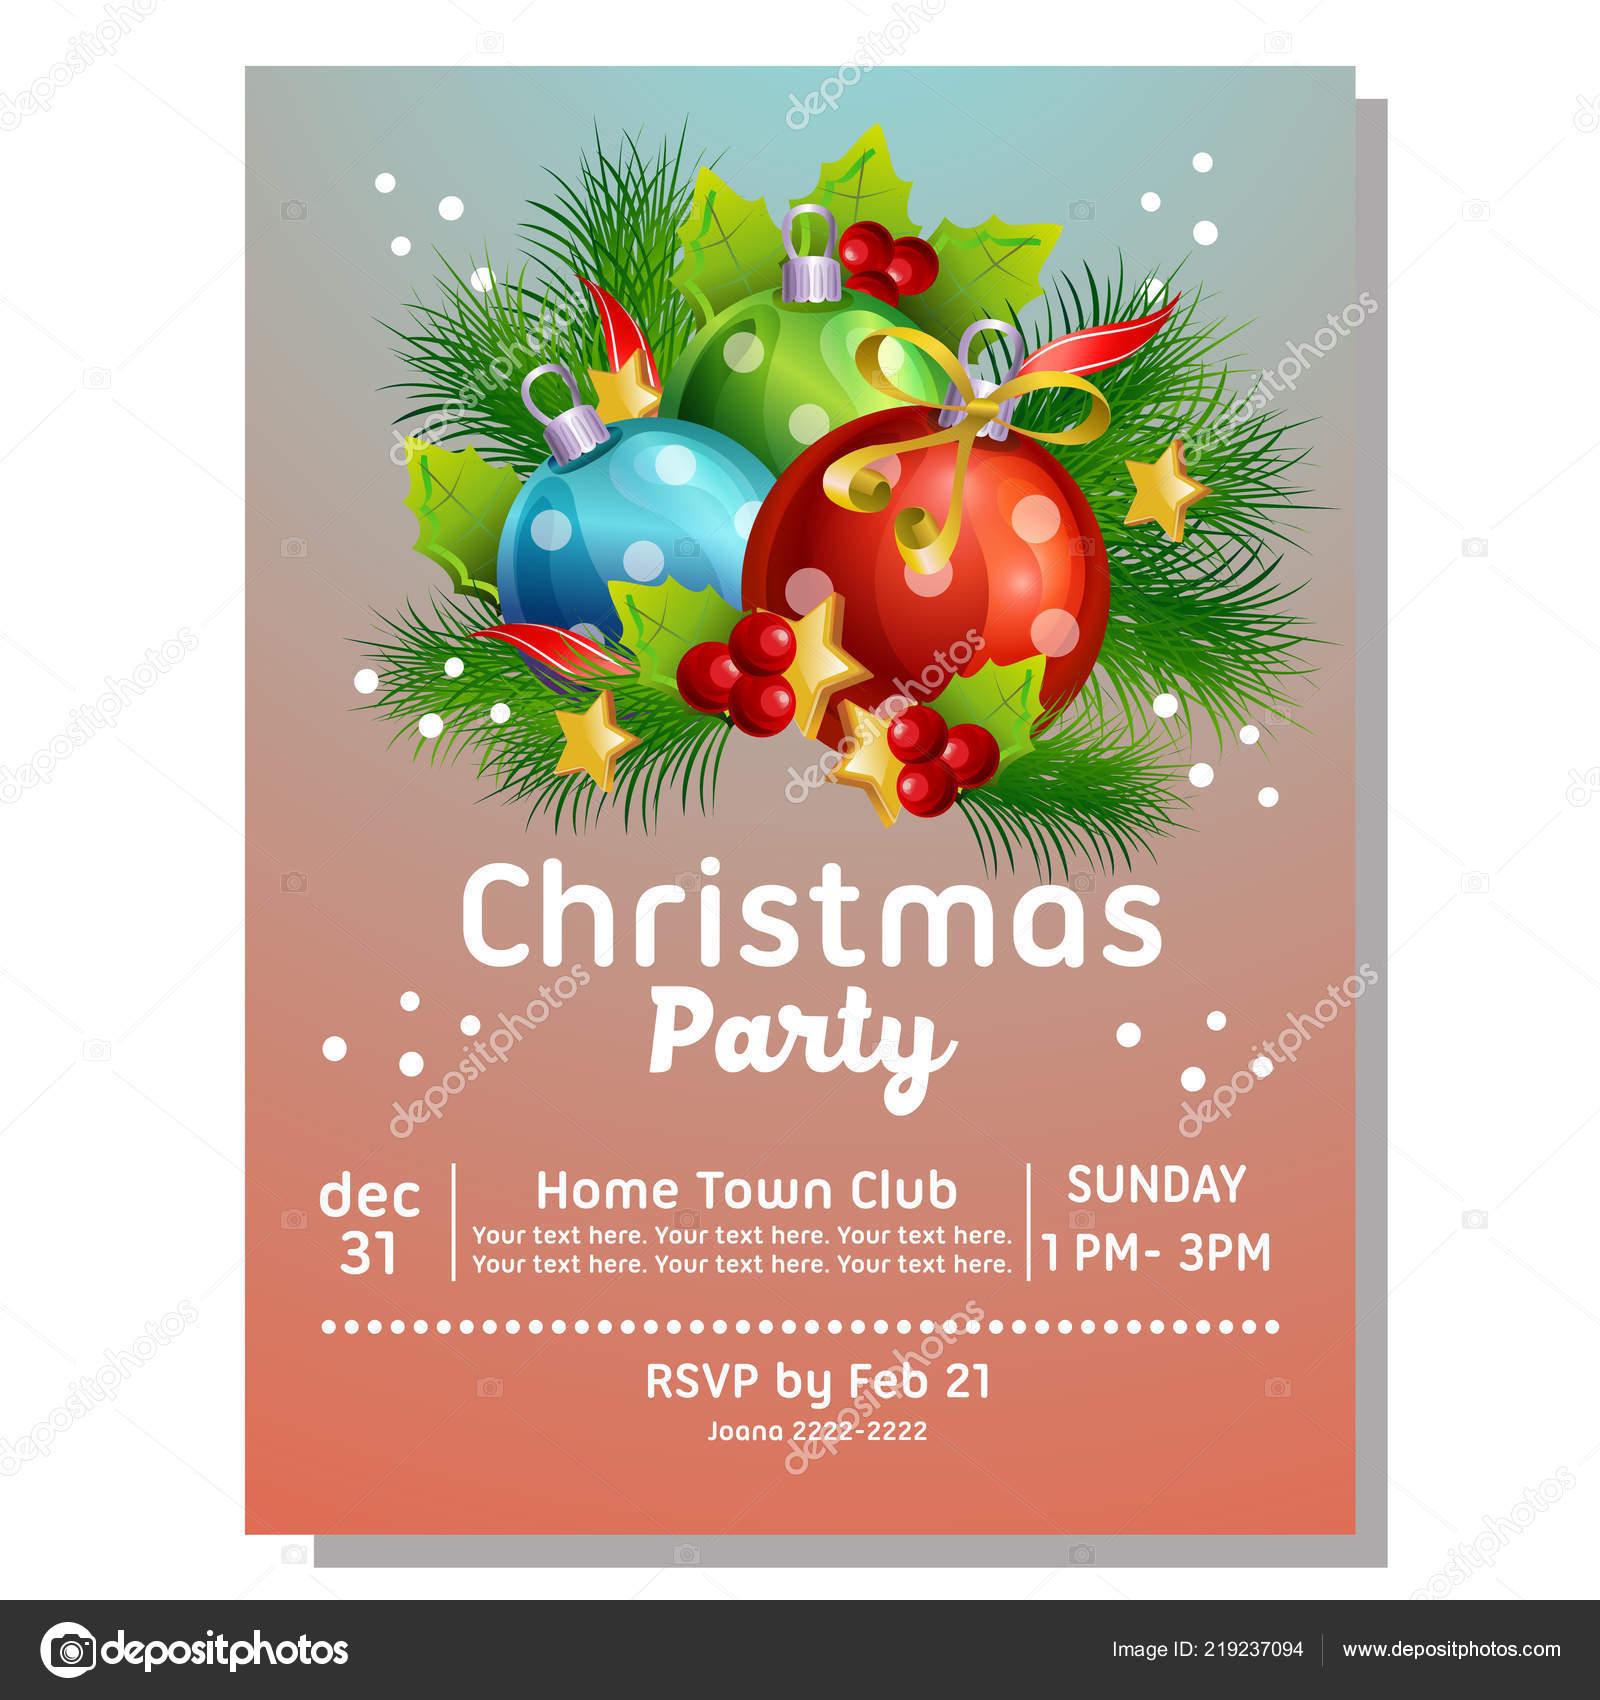 Tarjeta Invitación Fiesta Navidad Con Bola Luz Vector De